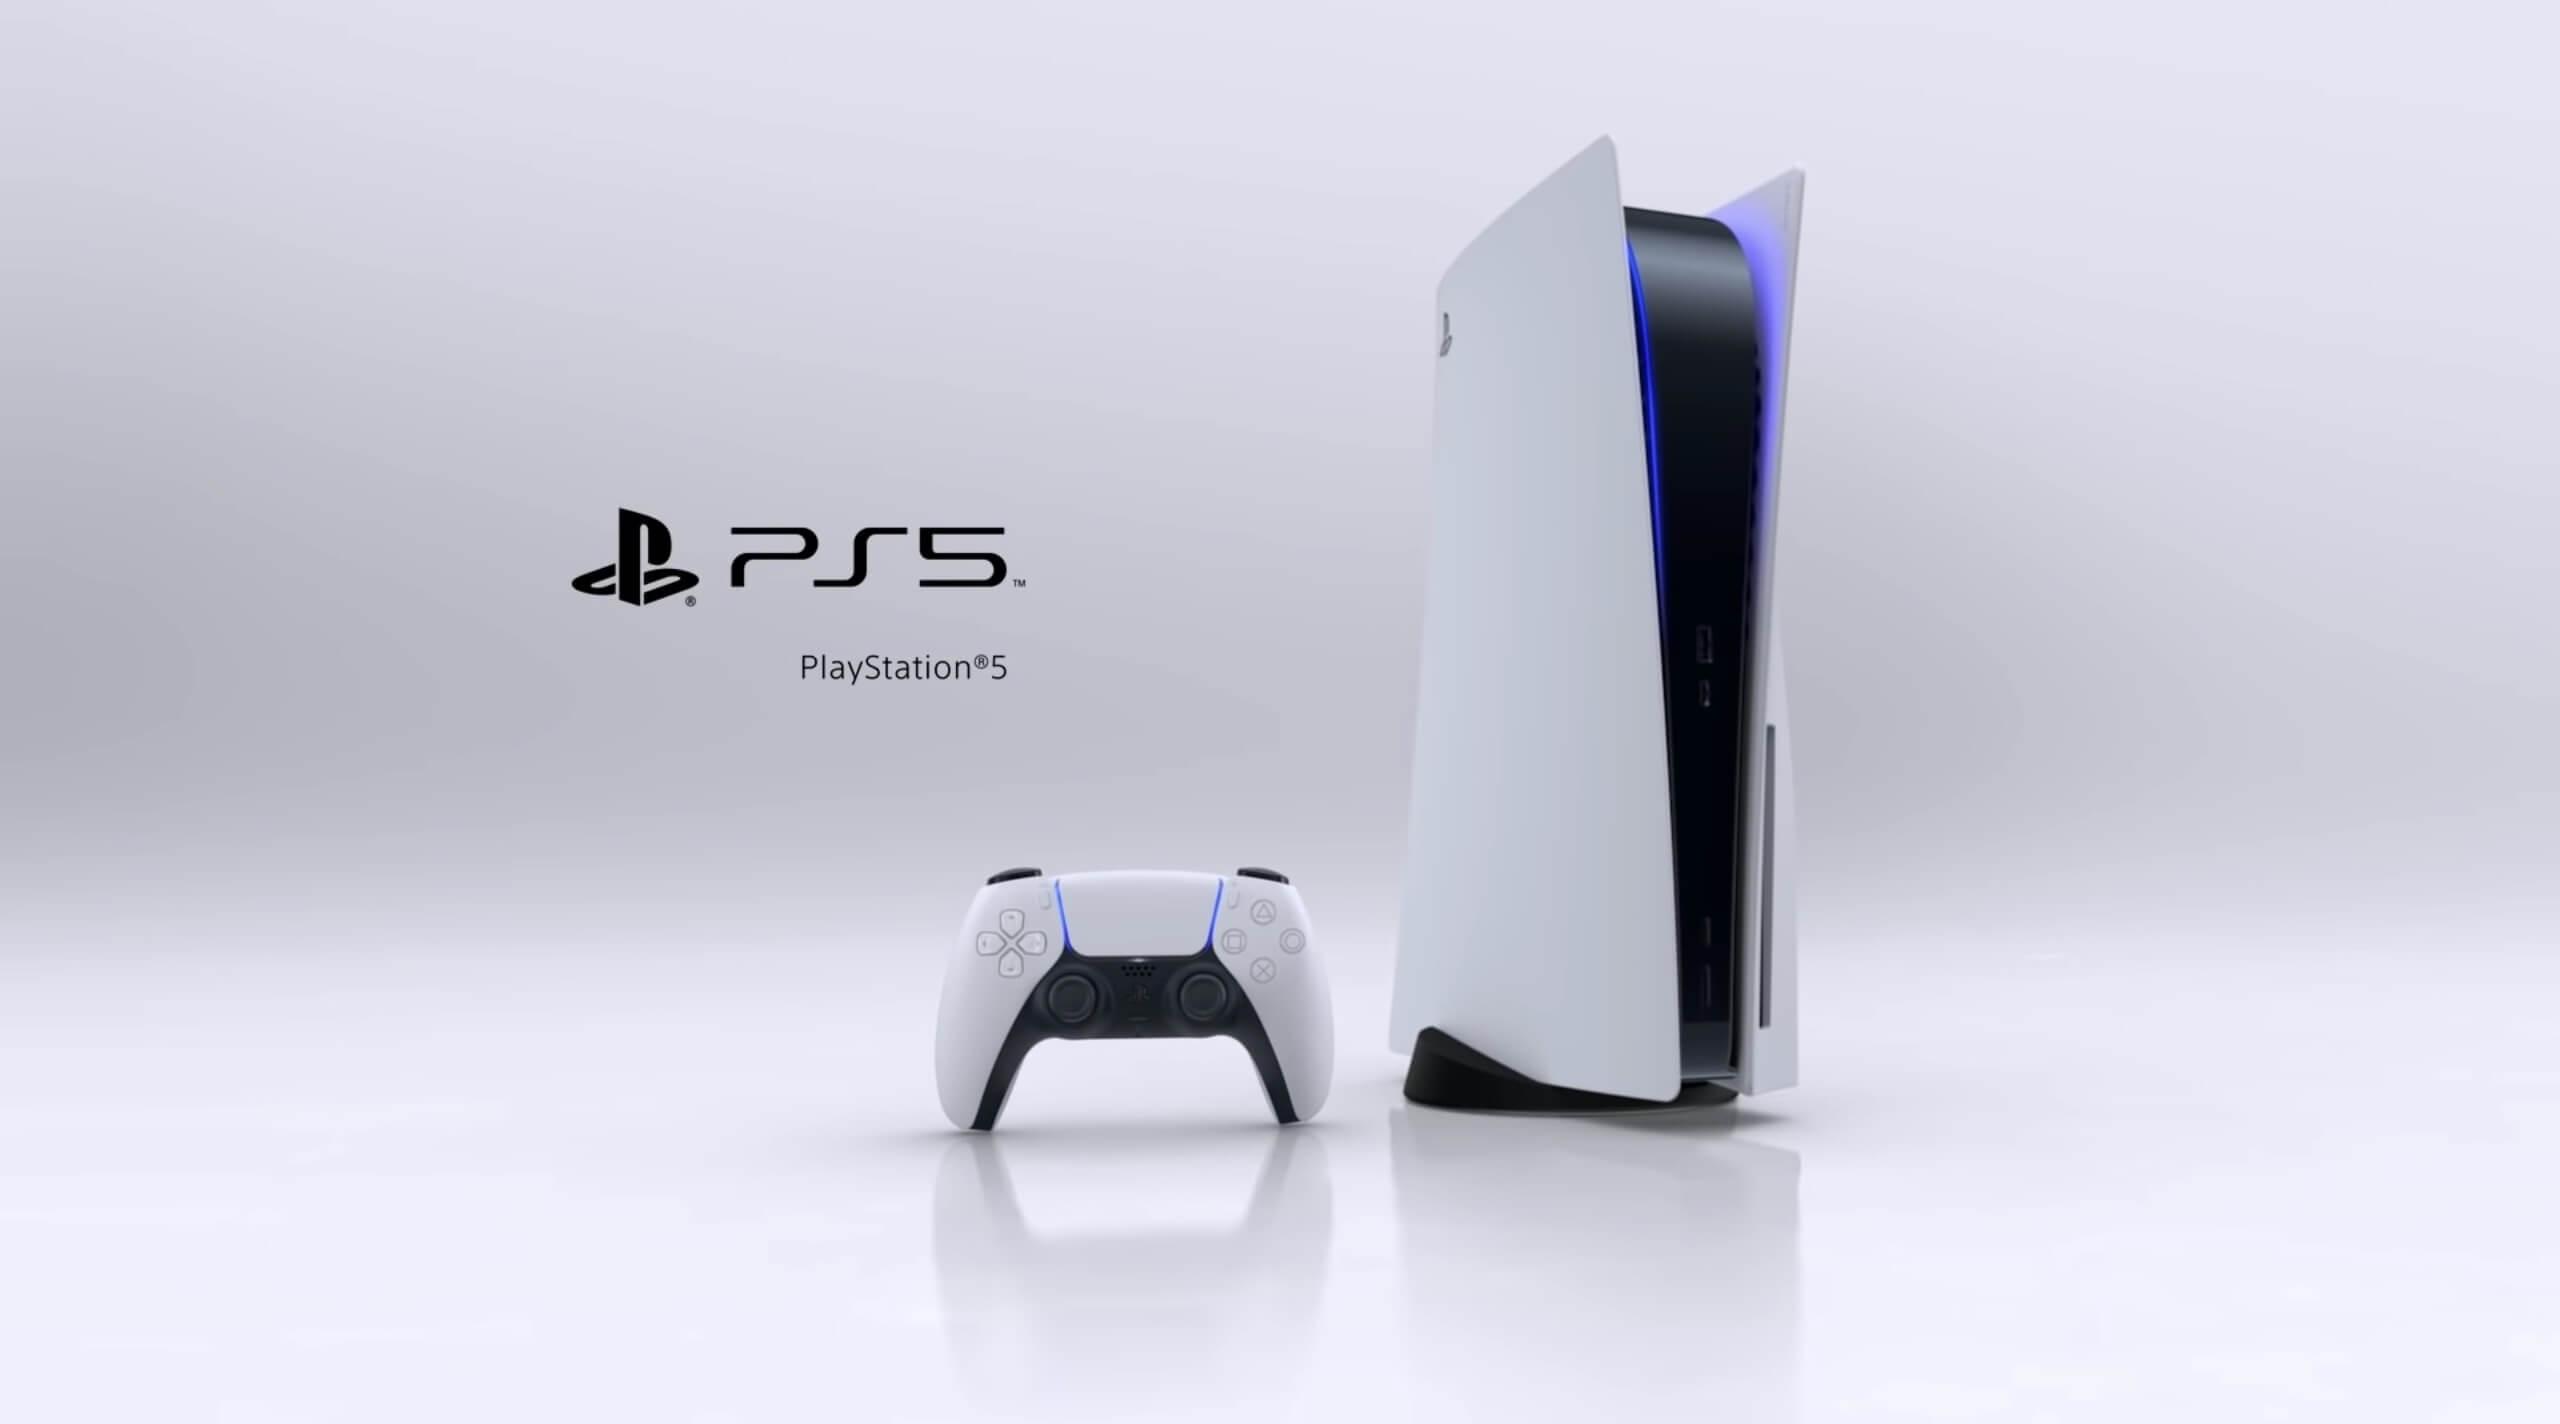 PS5の最大fps(フレームレート)を調べてみた